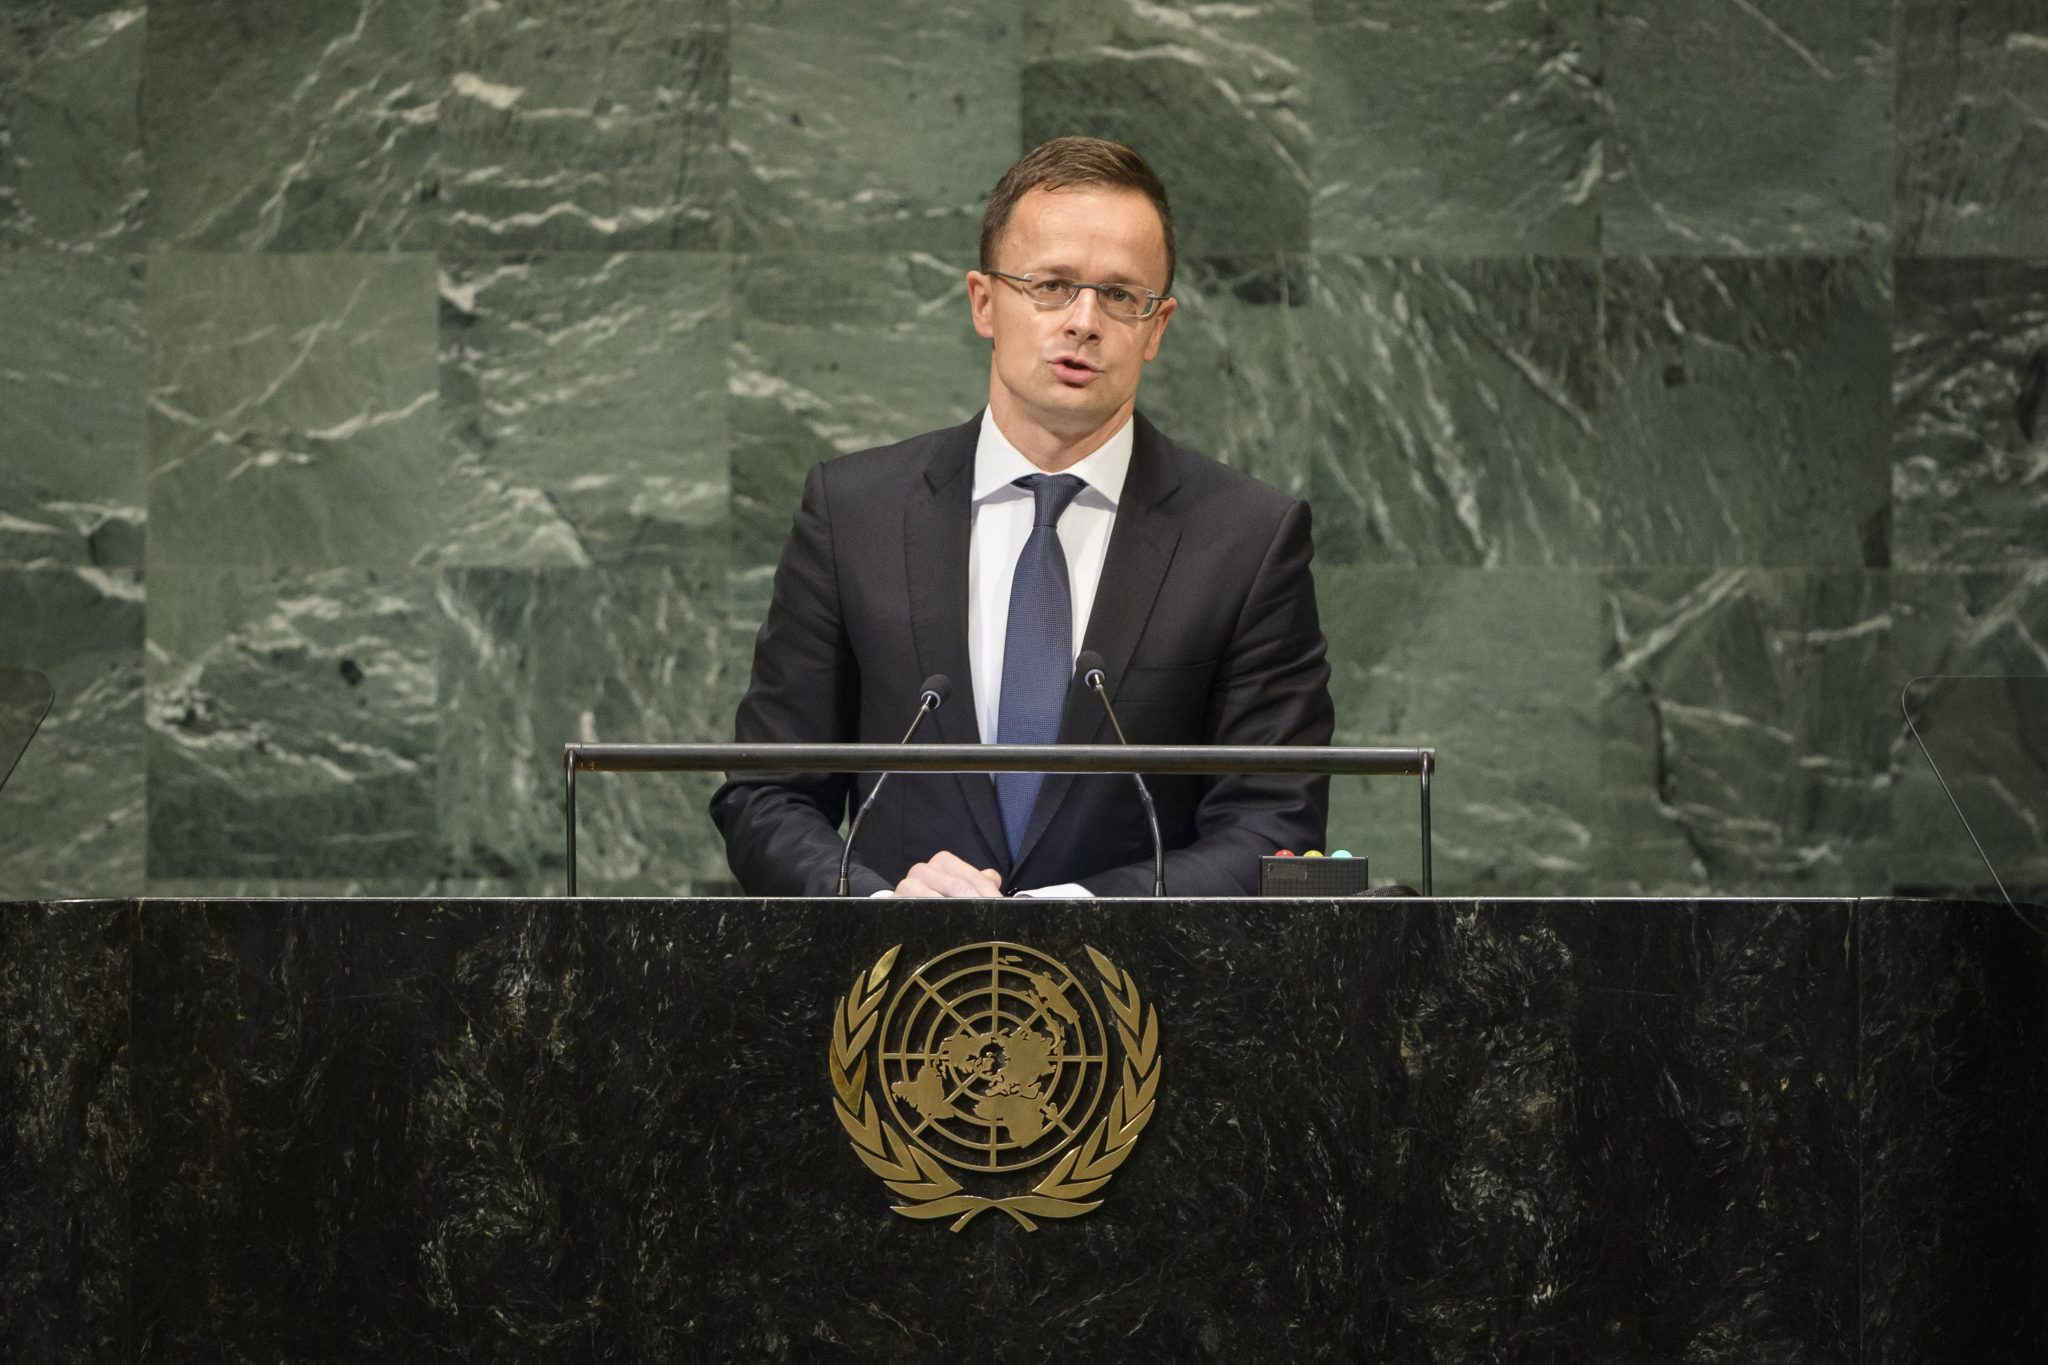 Szijjártó: UN Migration Pact 'Worst Possible Way' to Tackle Illegal Migration post's picture